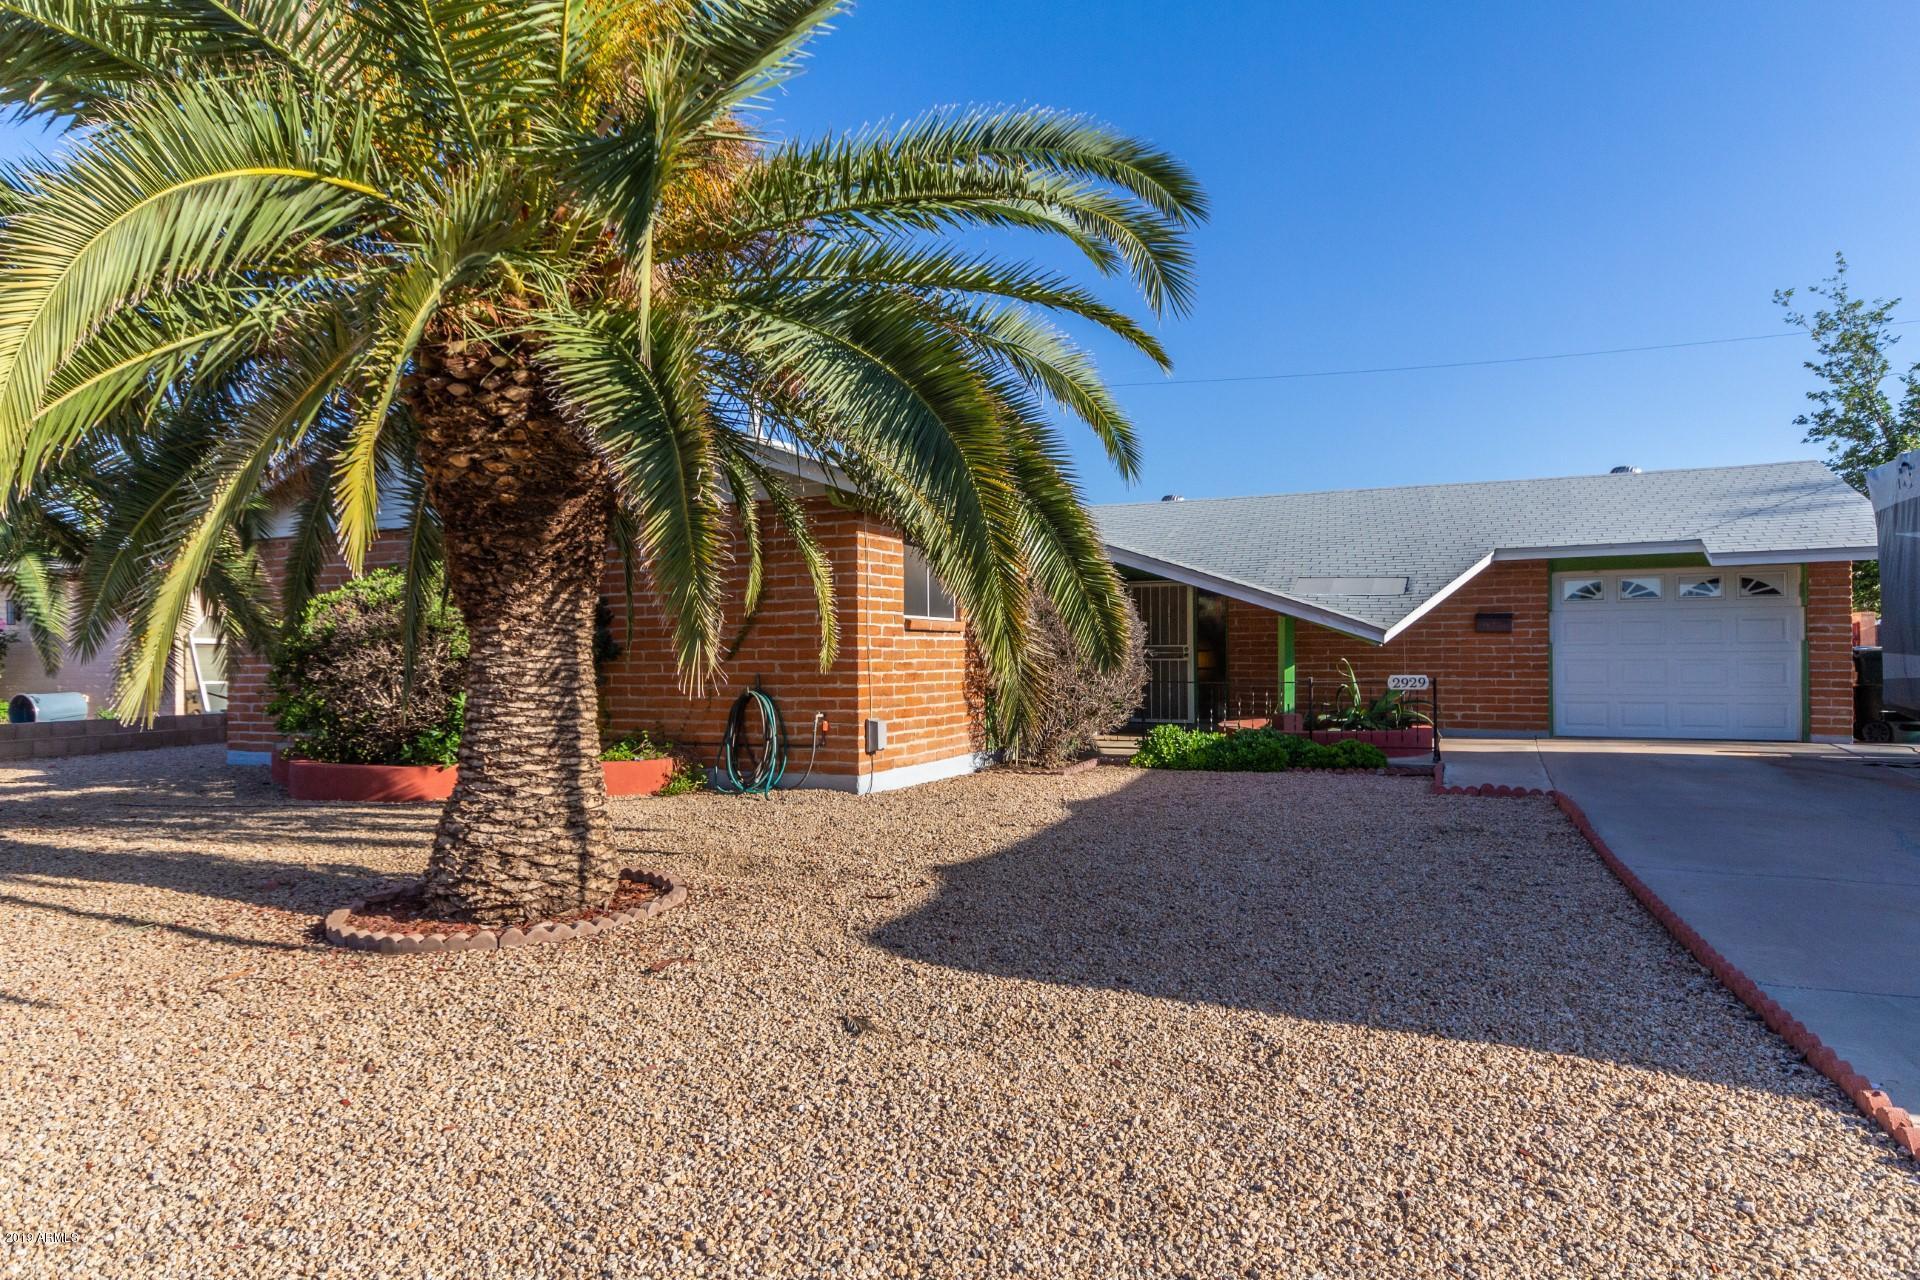 Photo for 2929 W Port Royale Lane, Phoenix, AZ 85053 (MLS # 5919214)